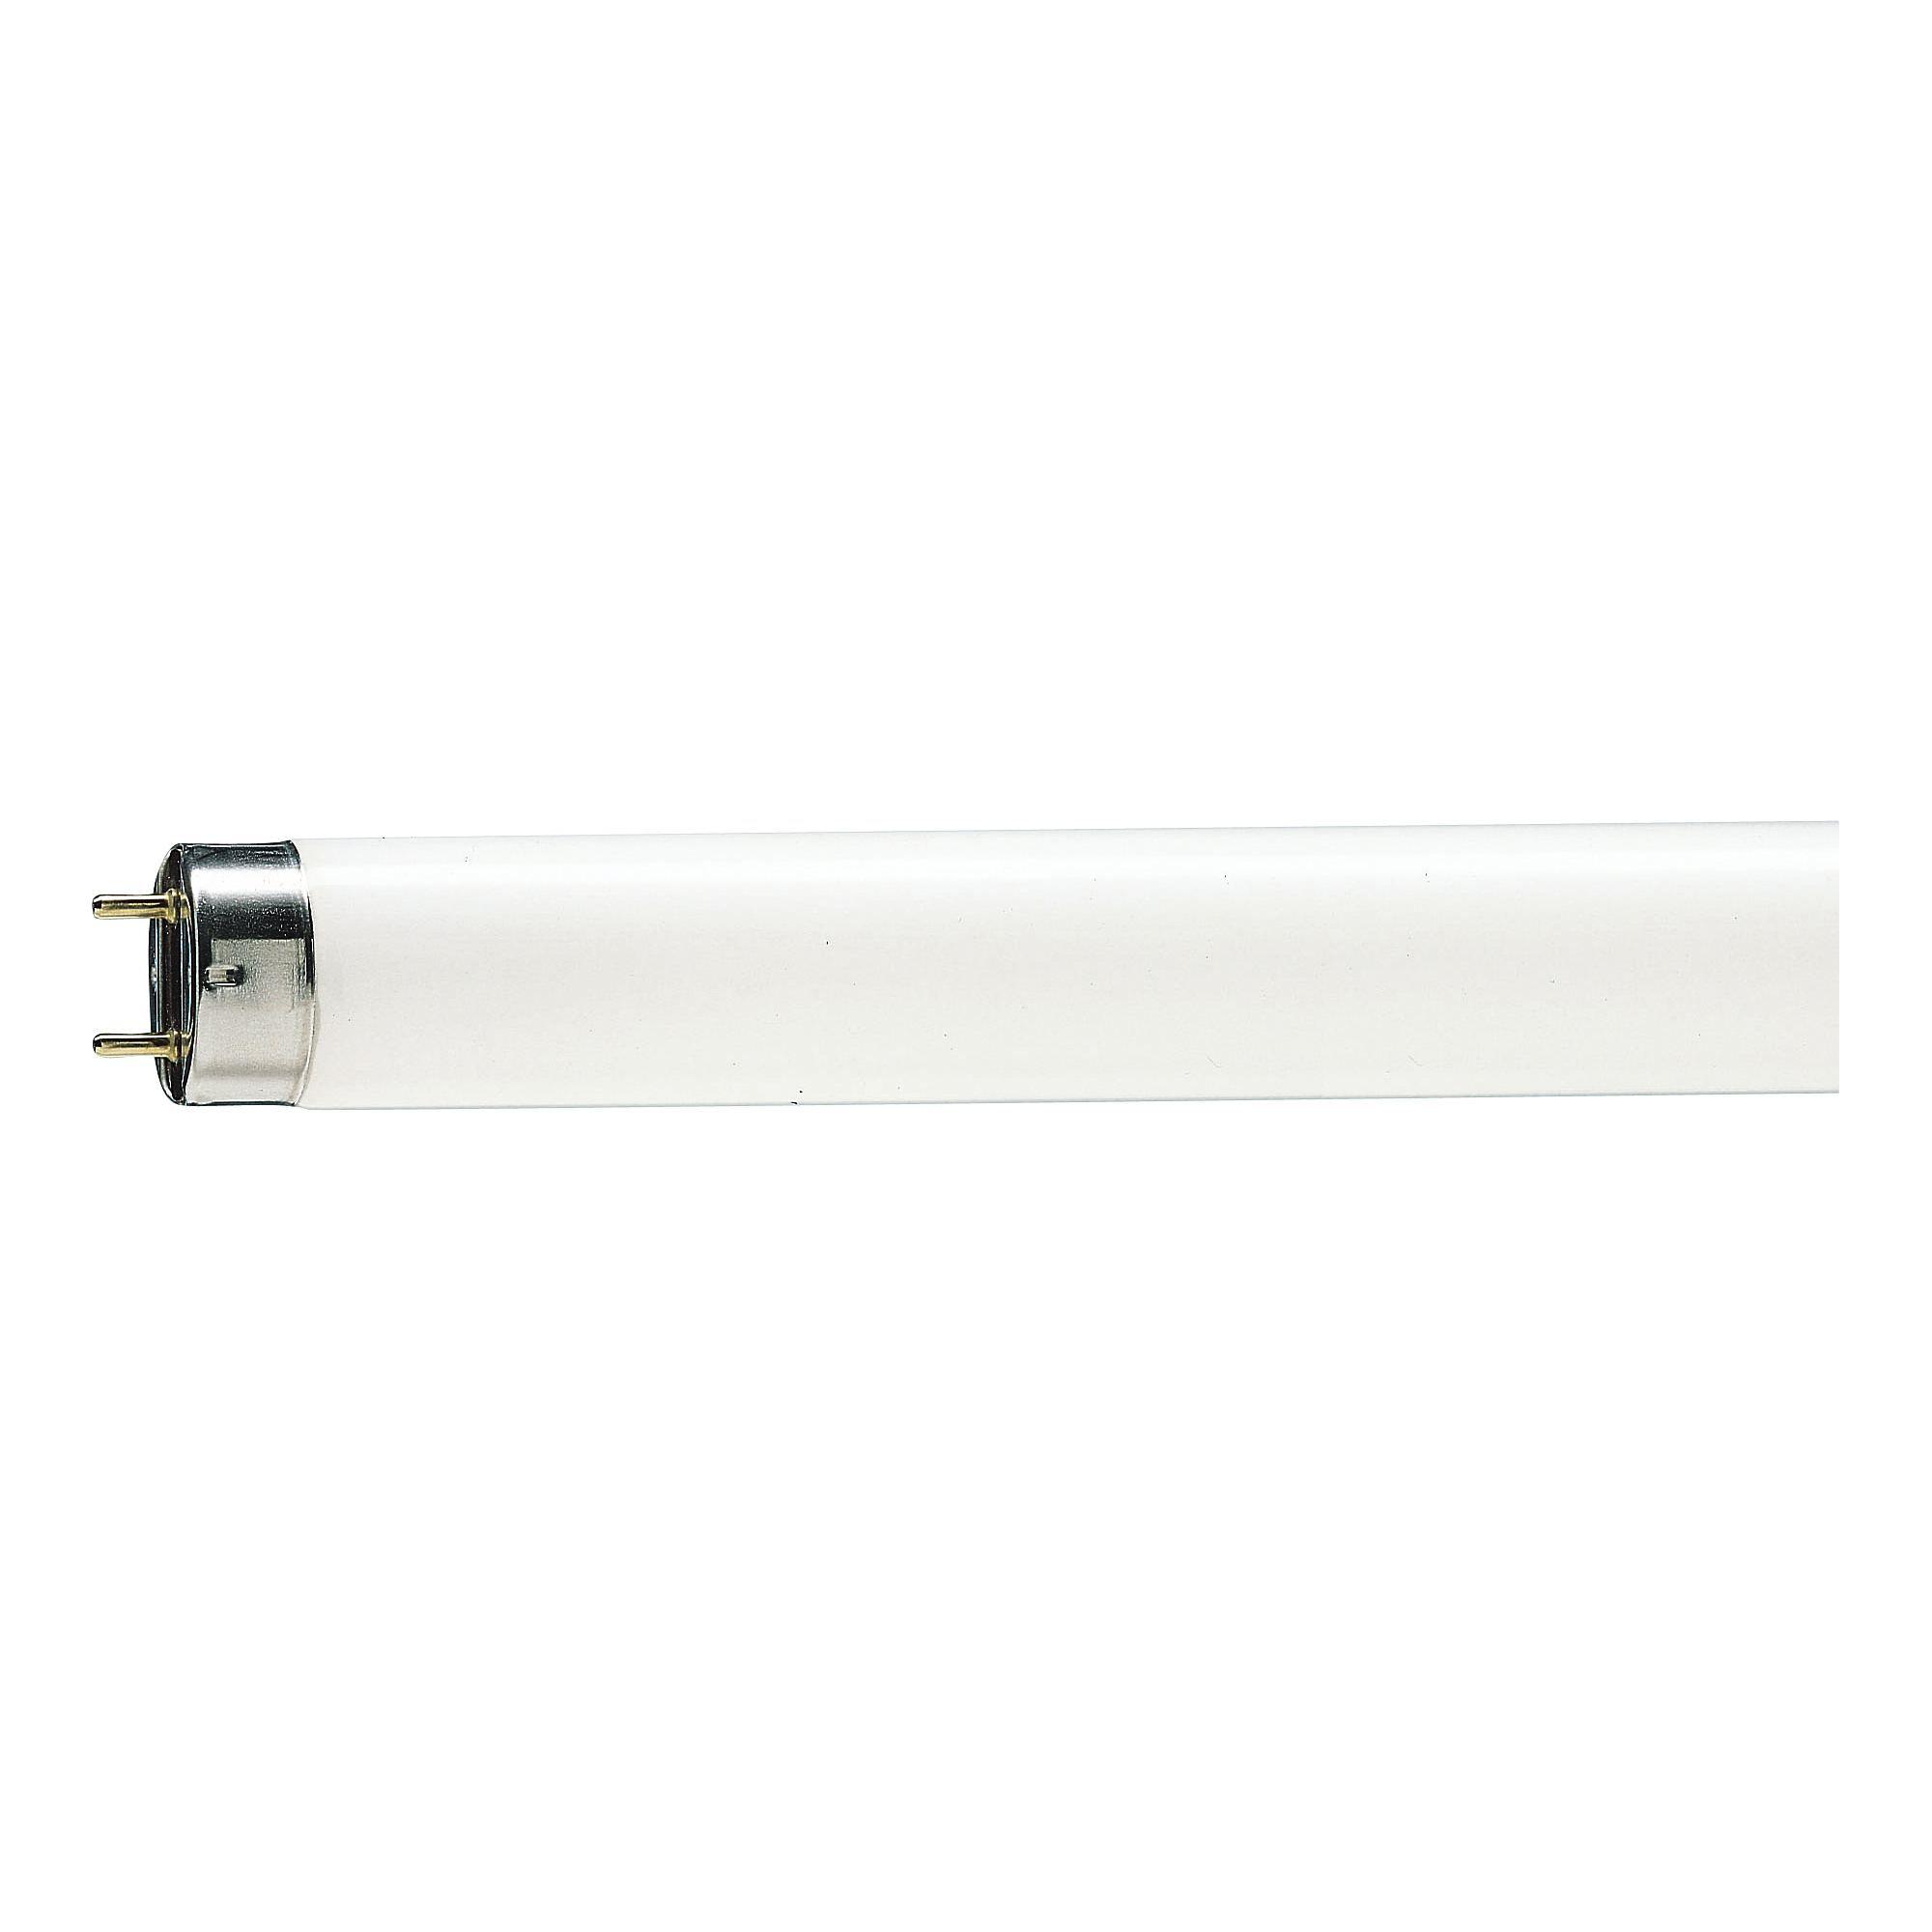 Купить Лампа люминесцентная Philips Master TL-D Food 36W/79 SLV/25 Т8 (d26) 1200мм 36Вт